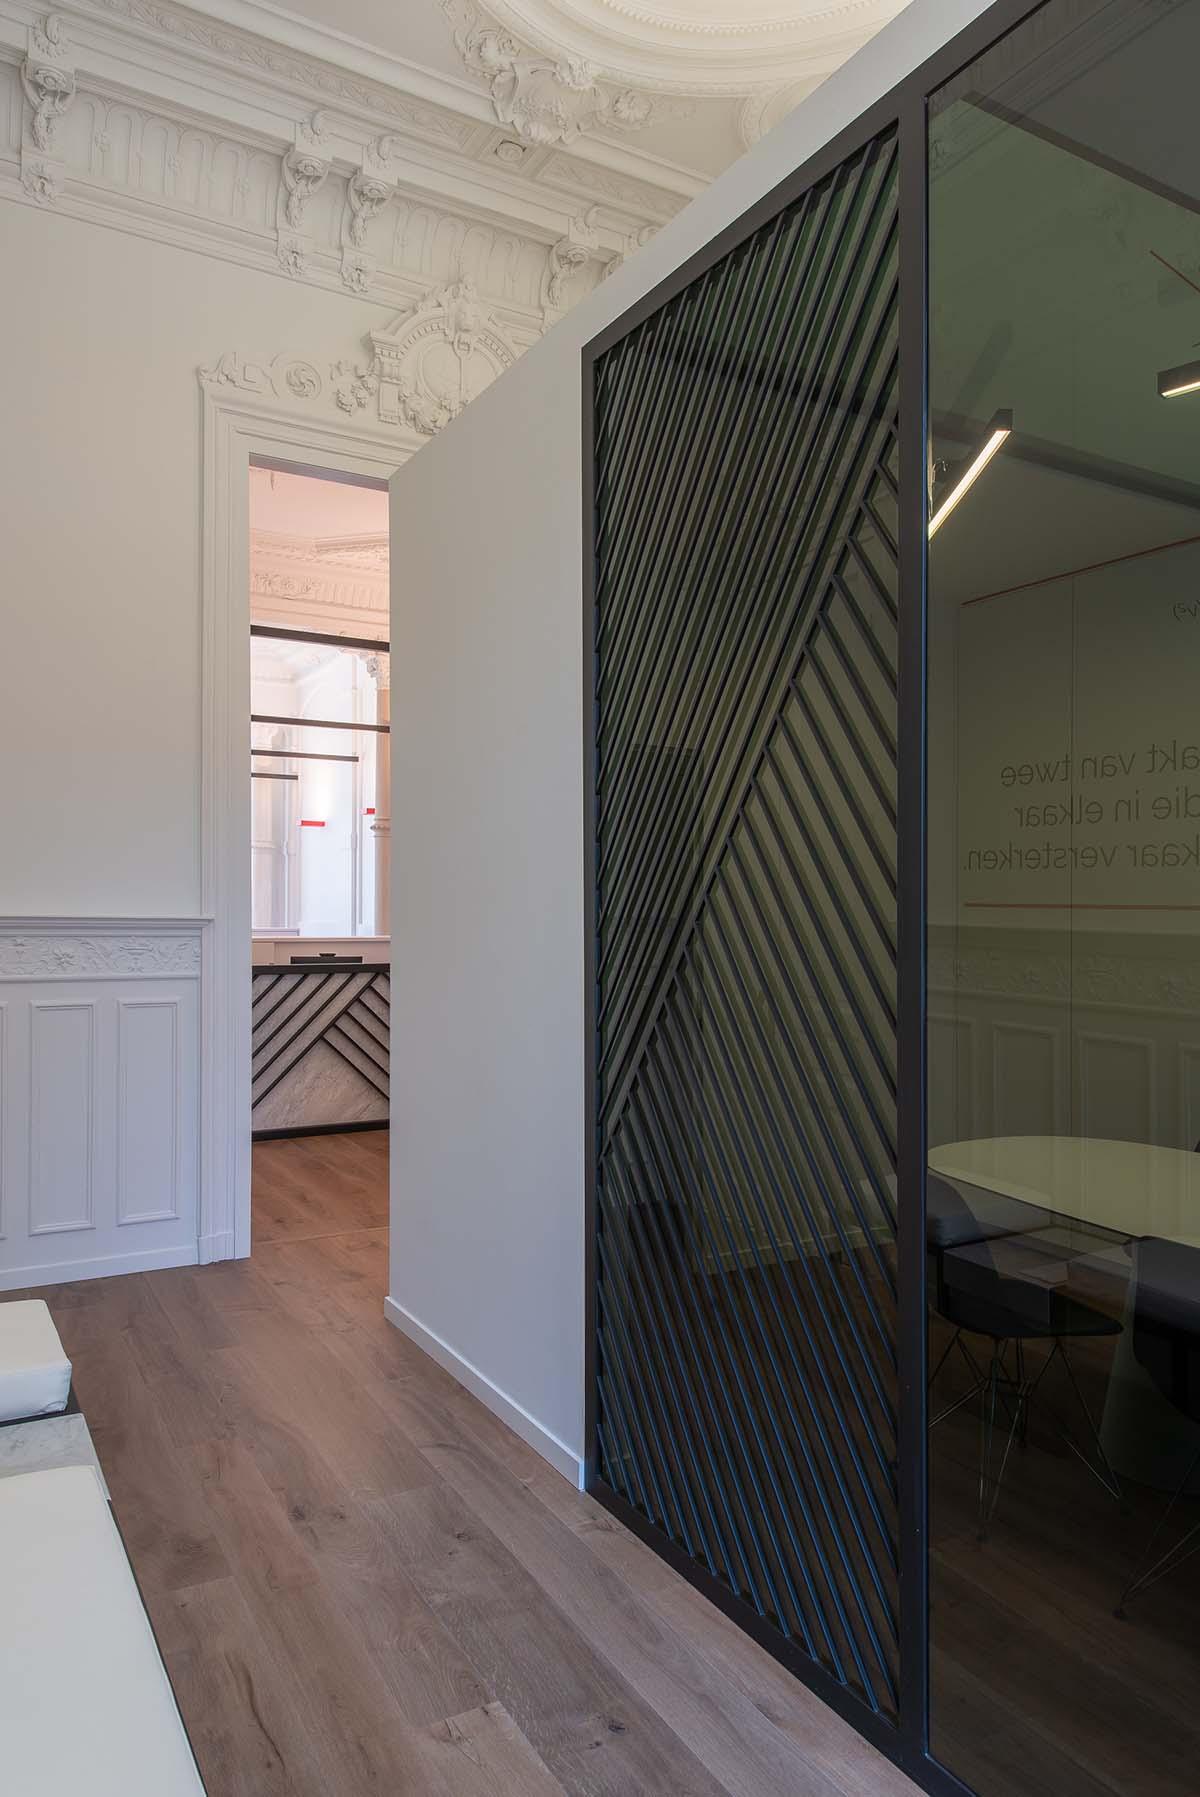 kantoorruimte ontwerp interieurarchitect antwerpen limburg